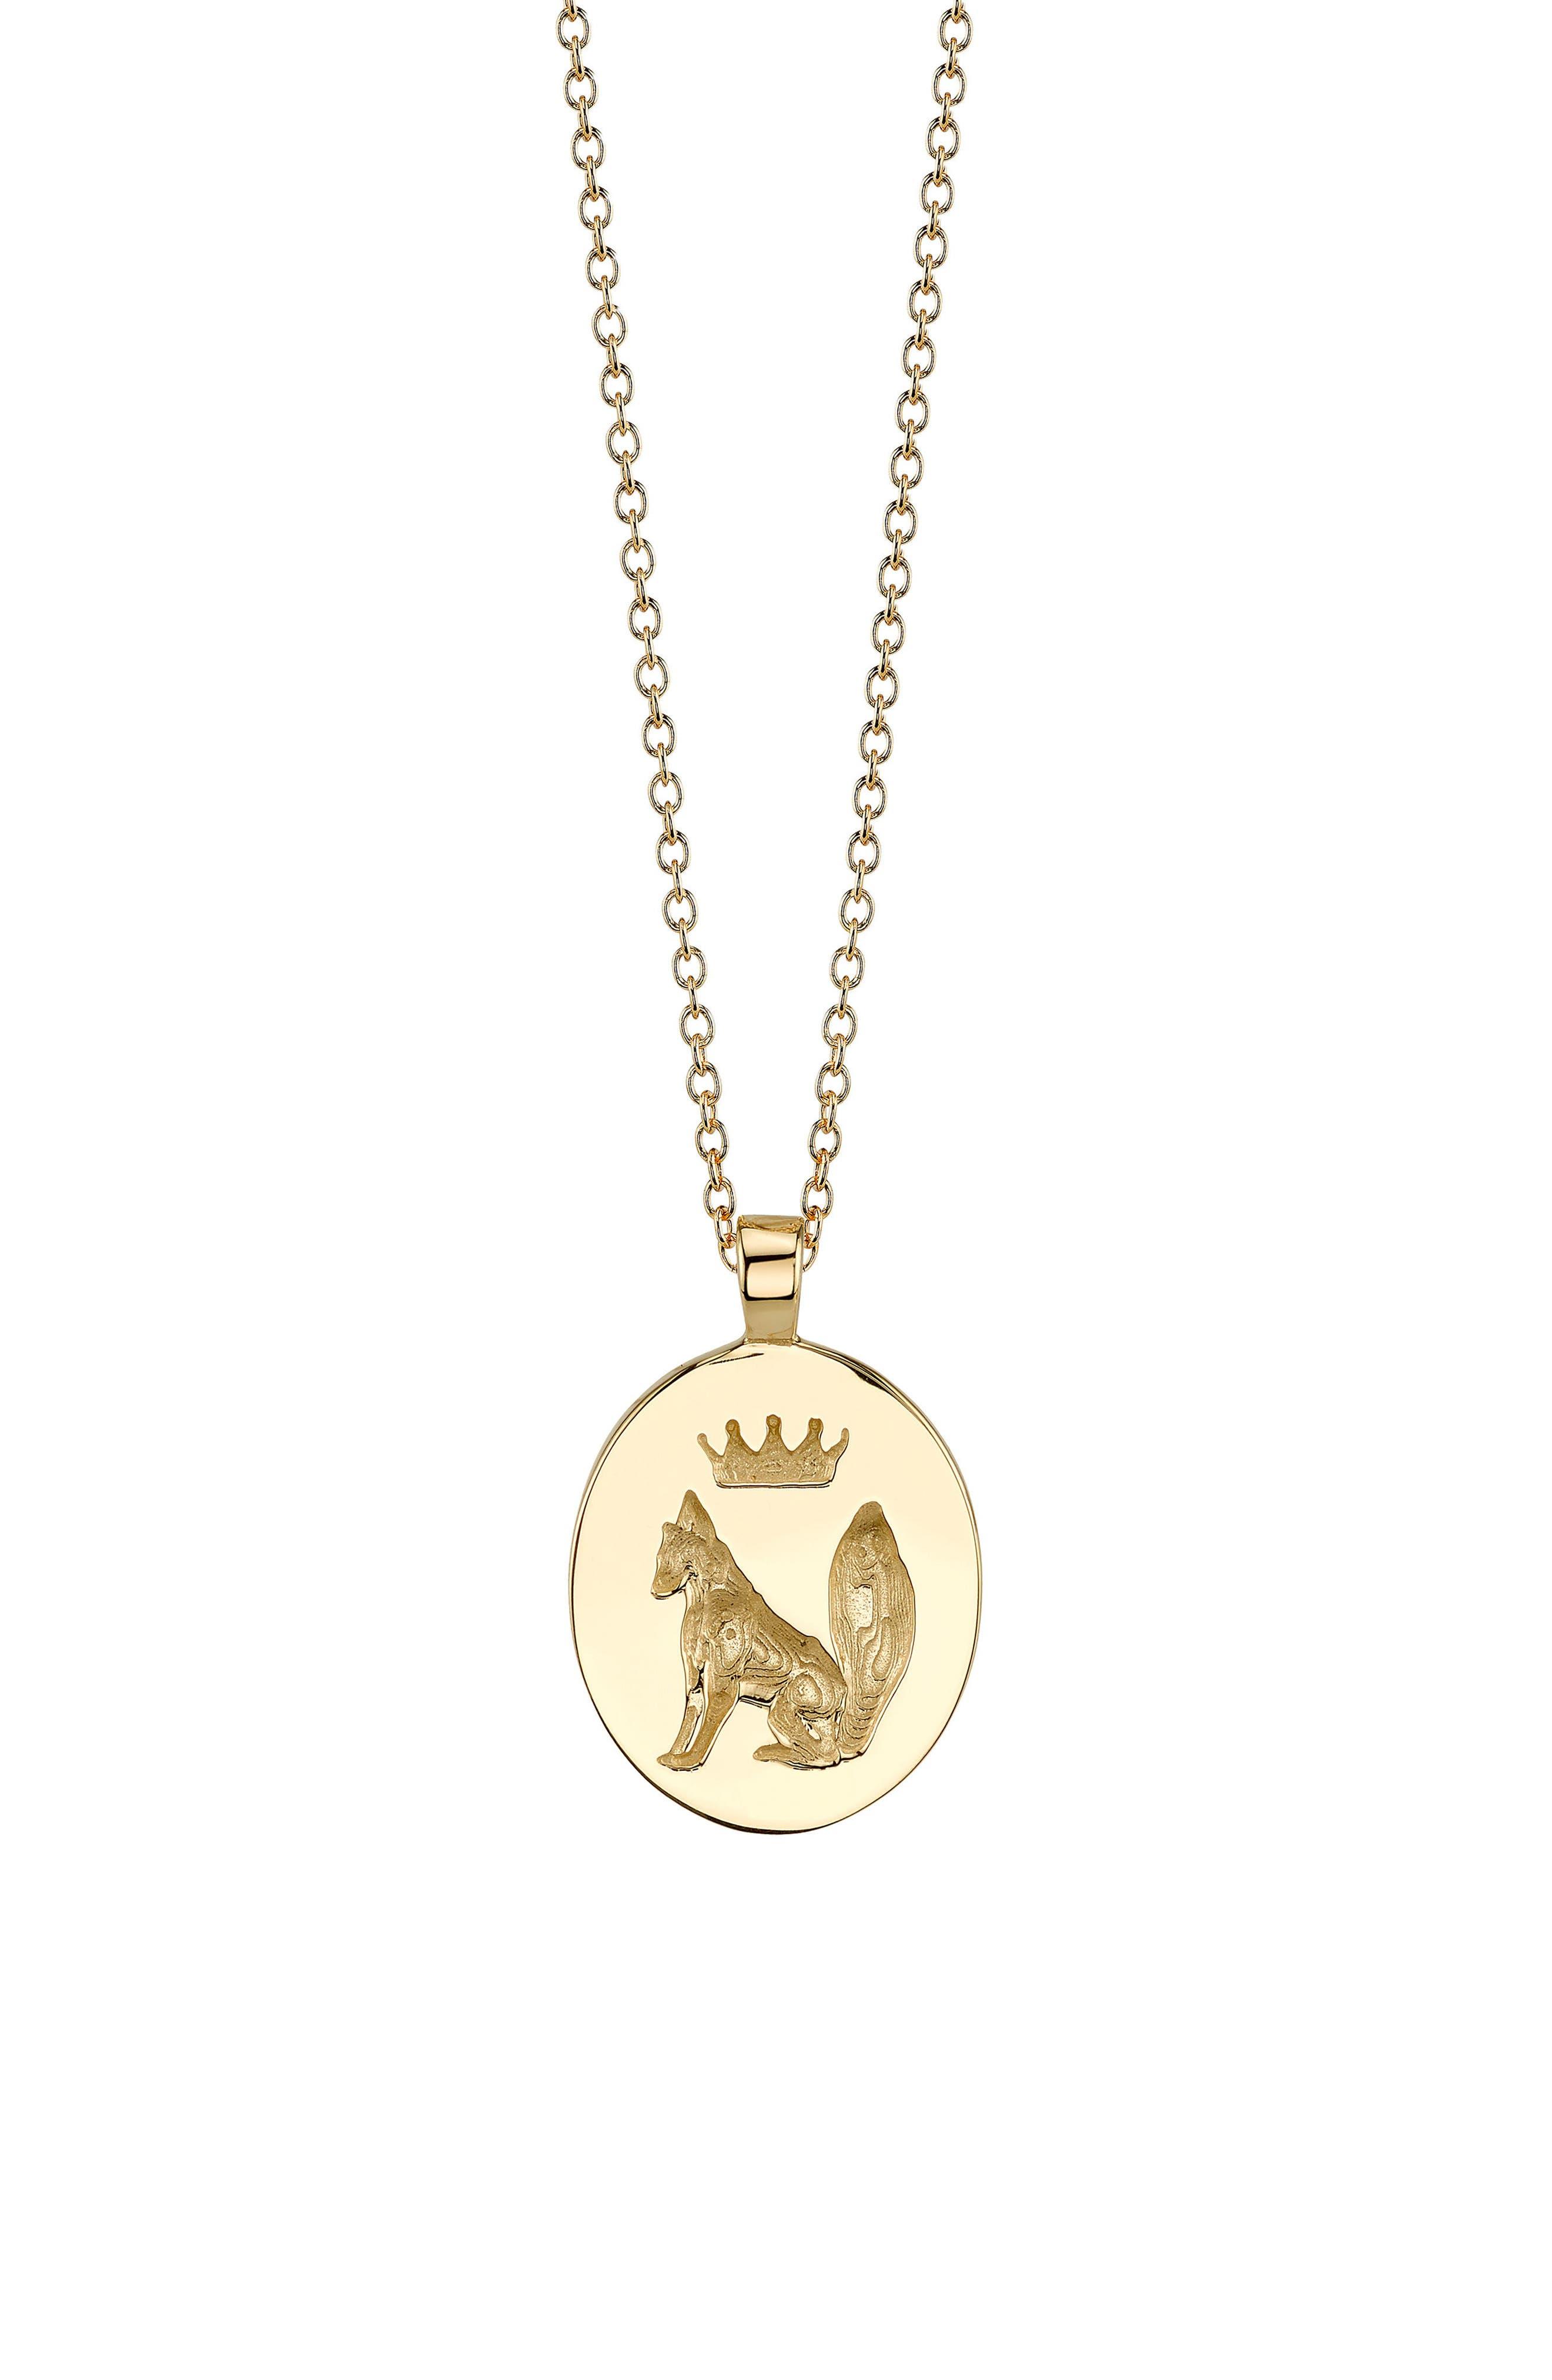 Main Image - Iconery x Stone Fox Pendant Necklace